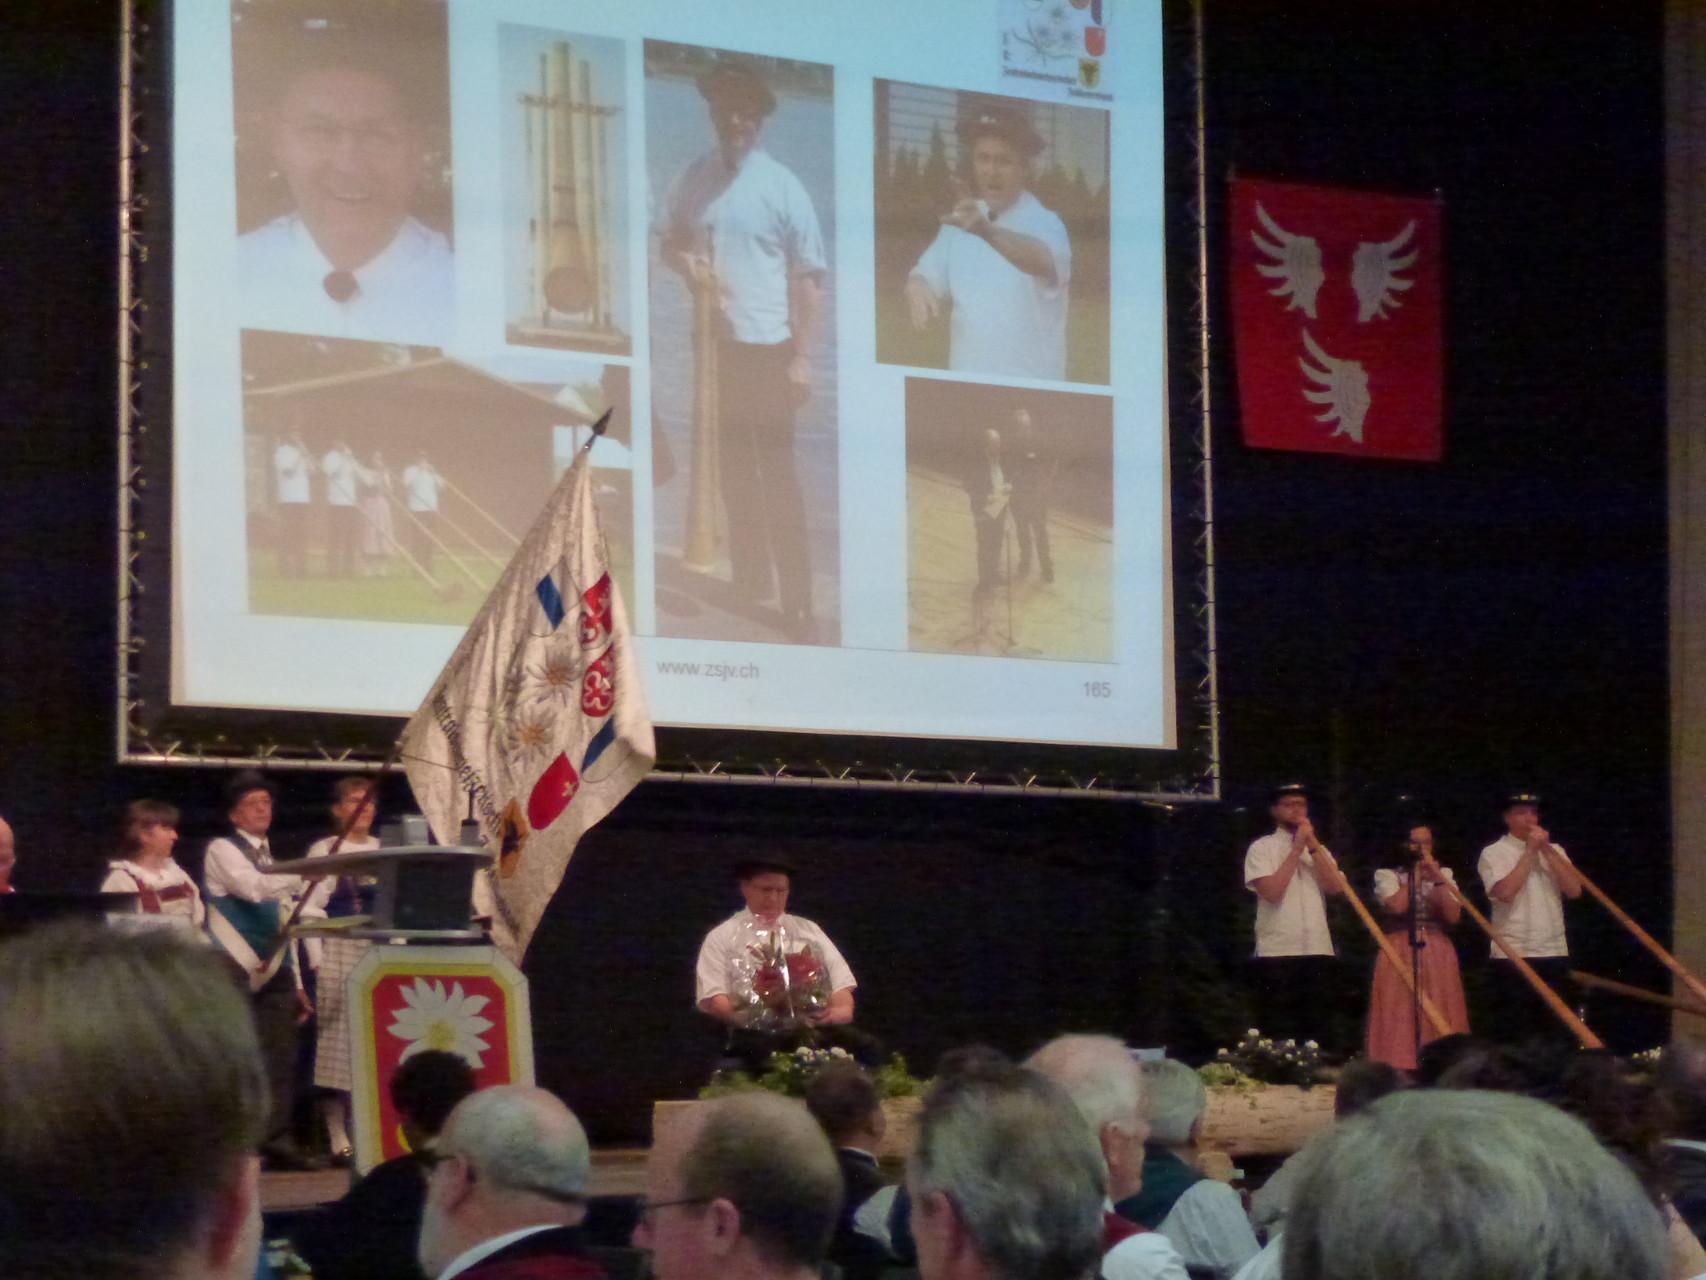 Anlass für die Einladung durch den ZSJV war die Verleihung der ZSJV-Ehrenmitgliedschaft ...